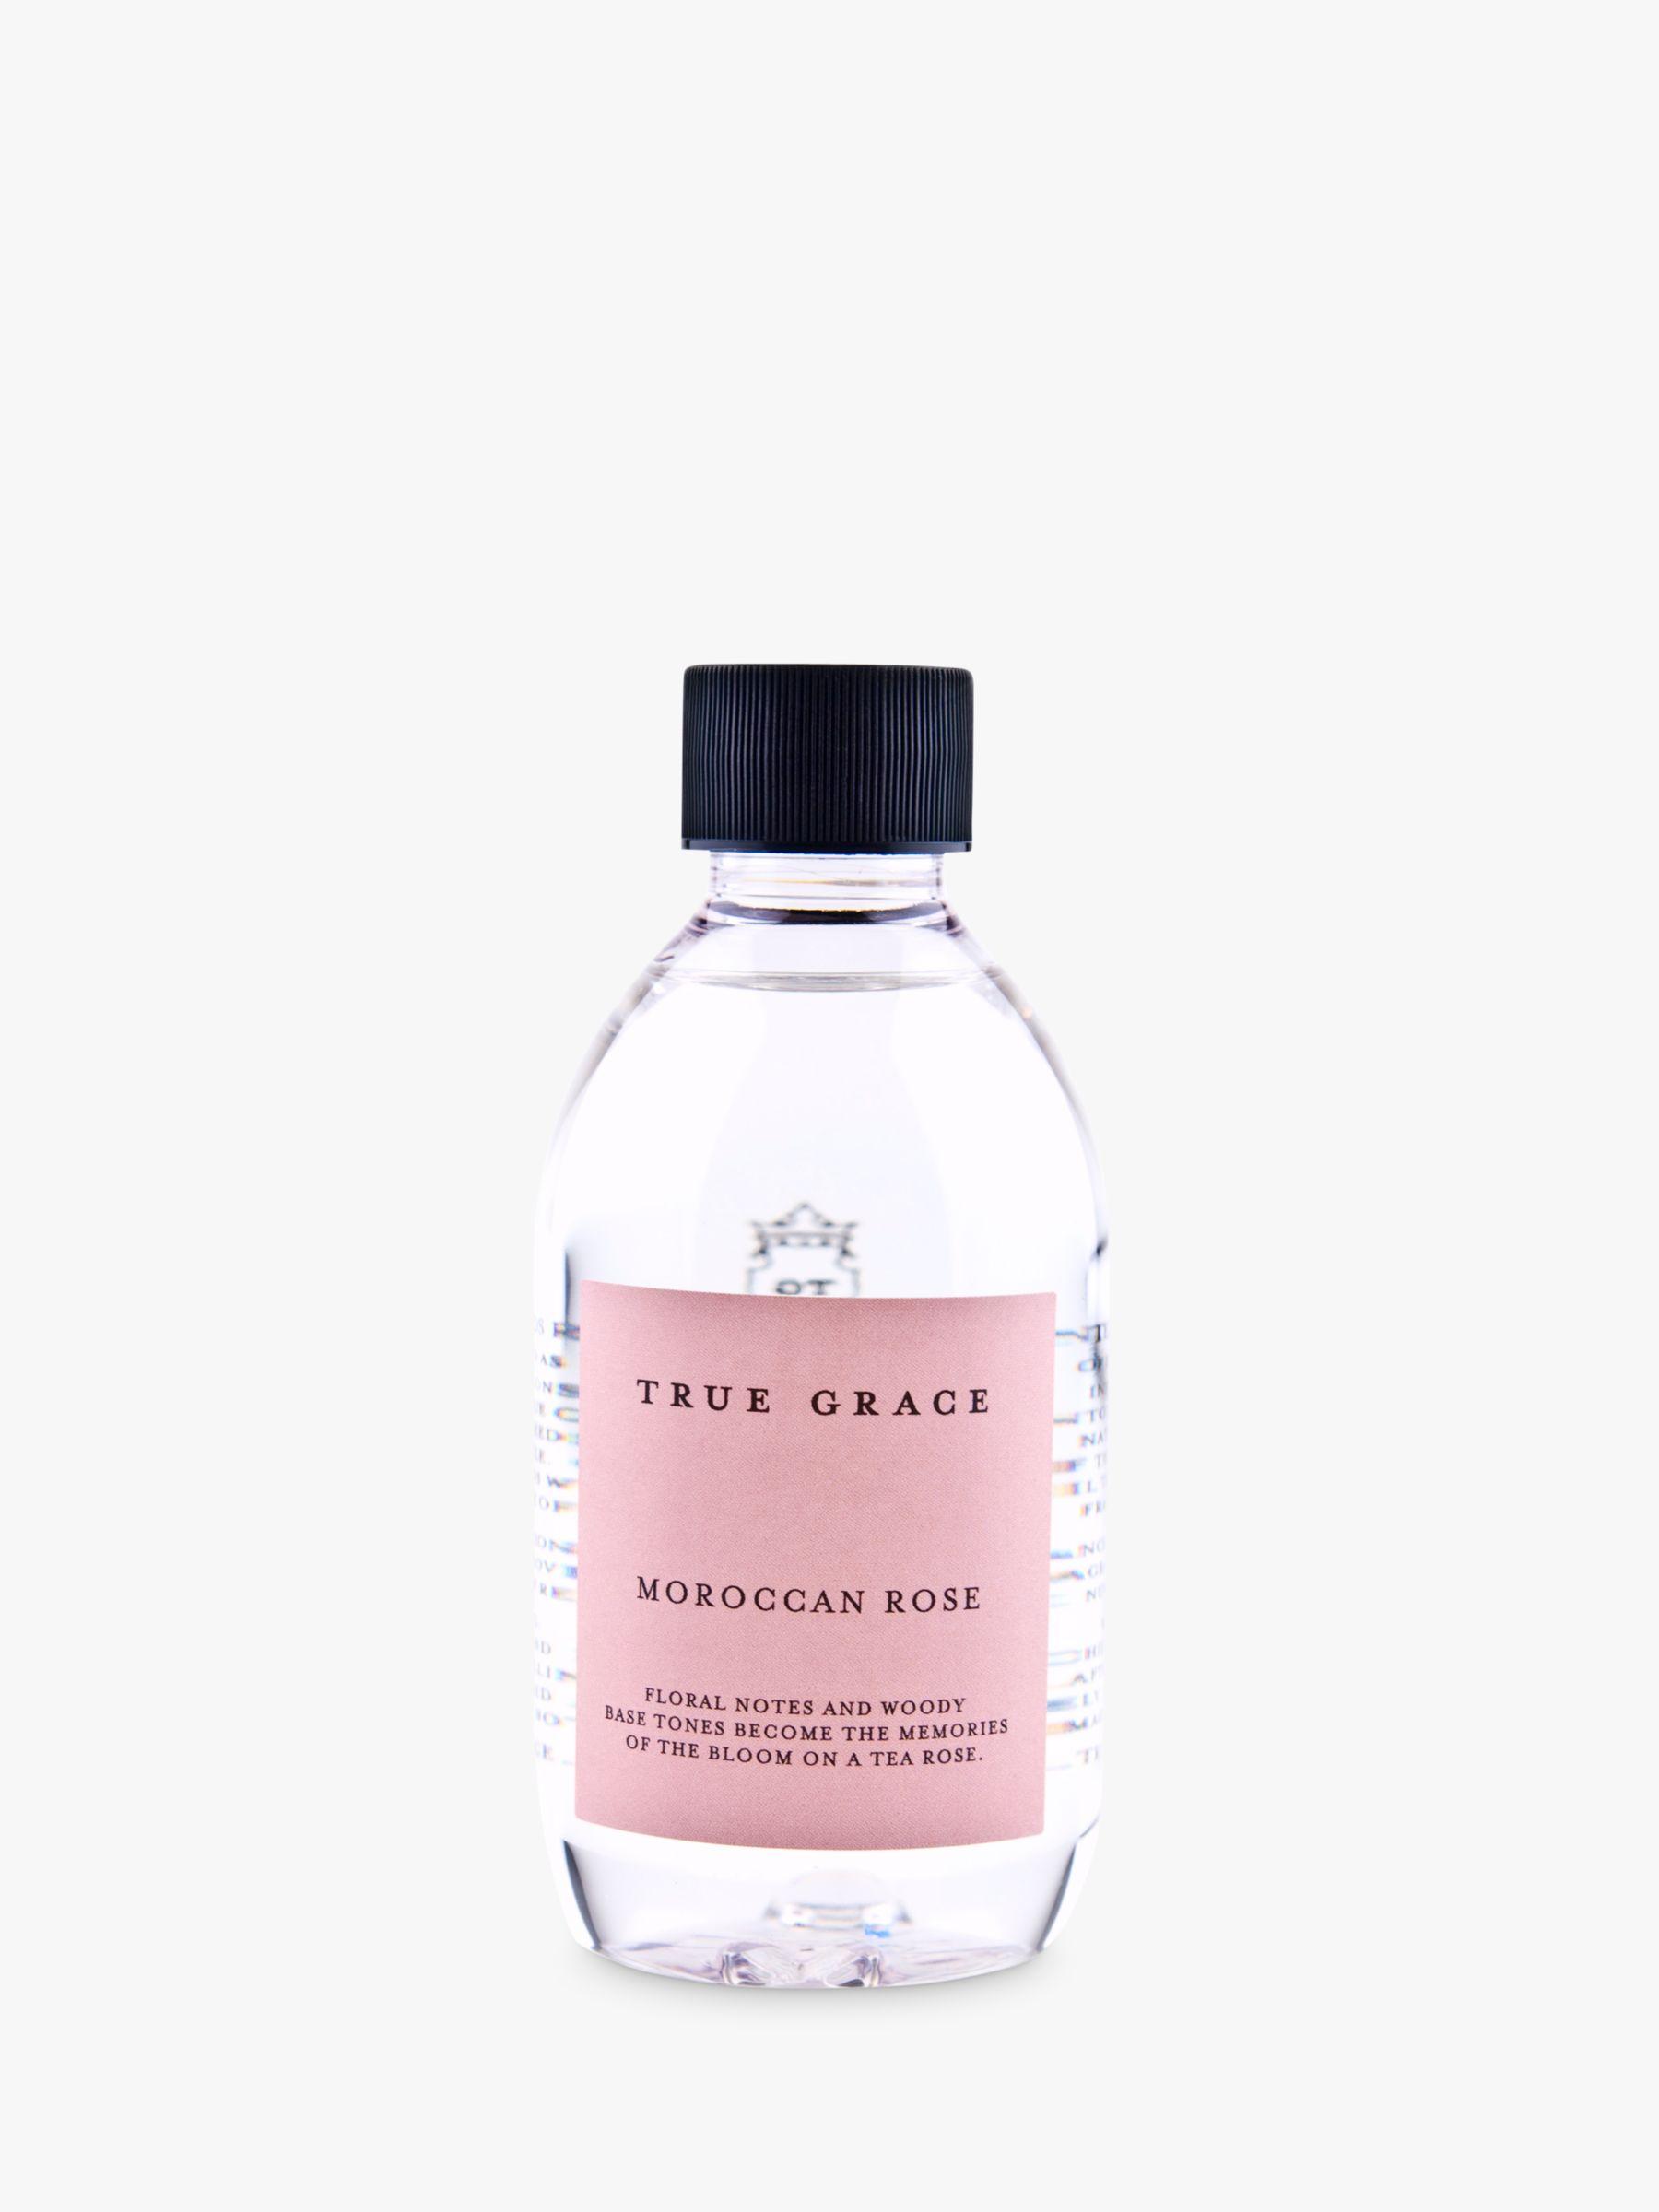 True Grace True Grace Village Diffuser Refill, Moroccan Rose, 250ml